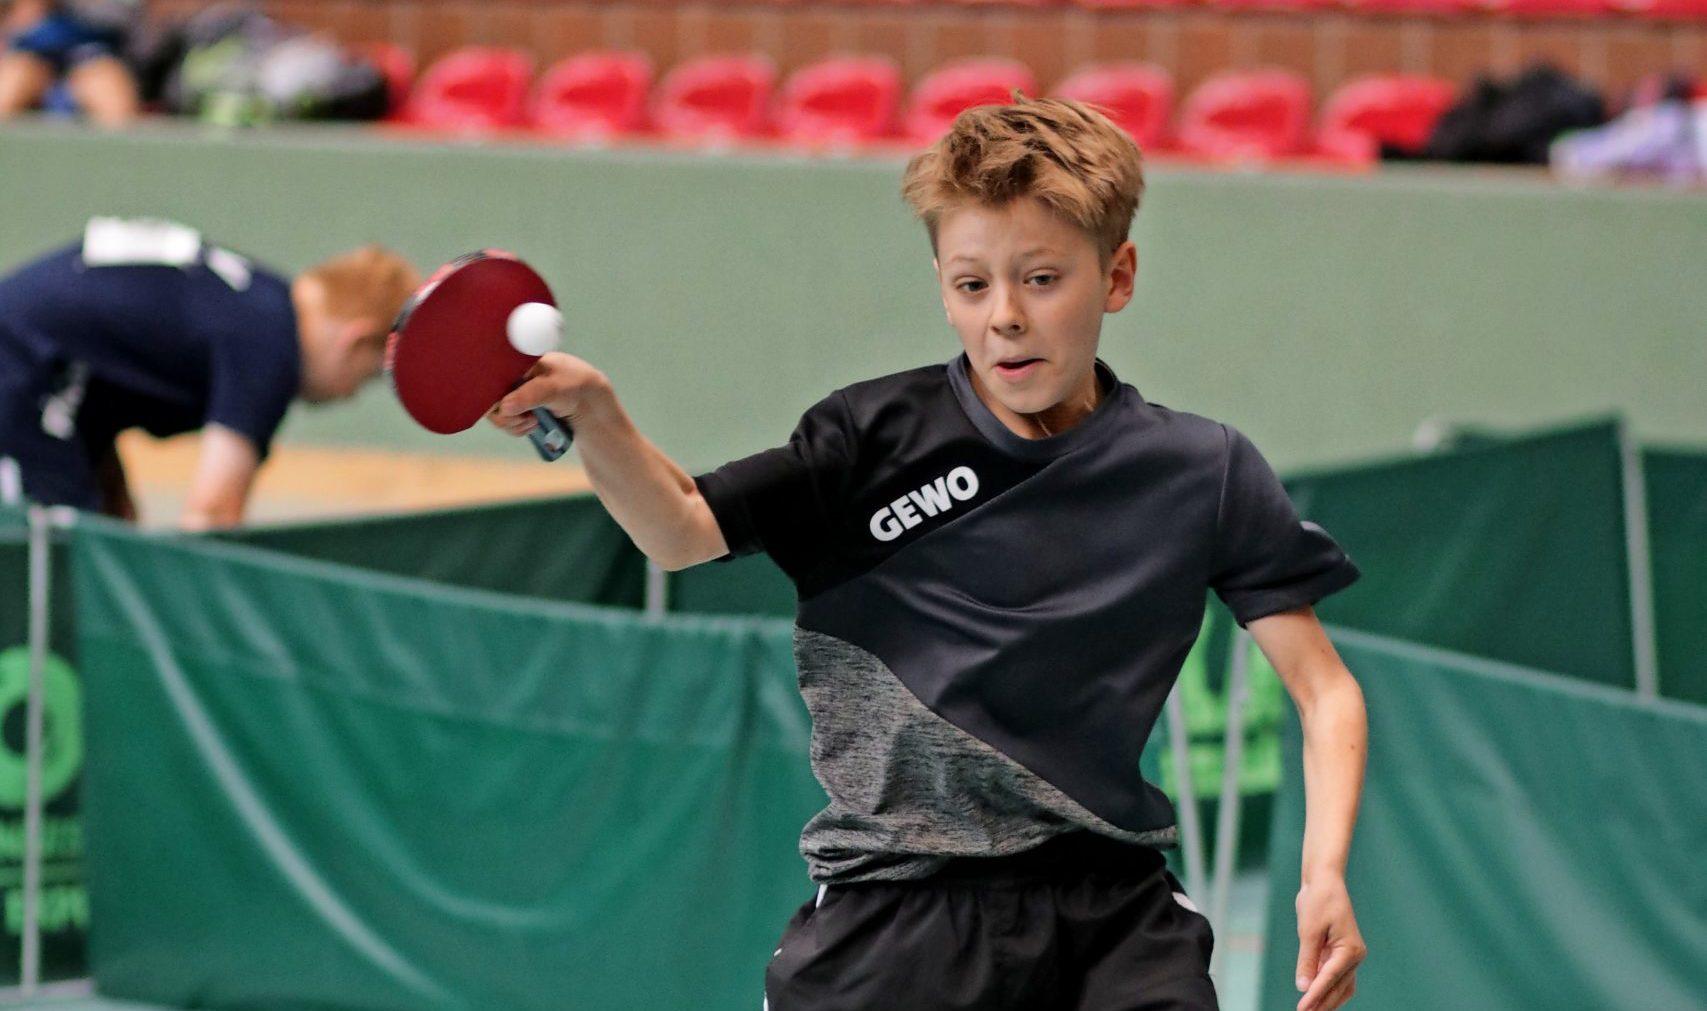 Luke Jalaß Tischtennis Stockelsdorf